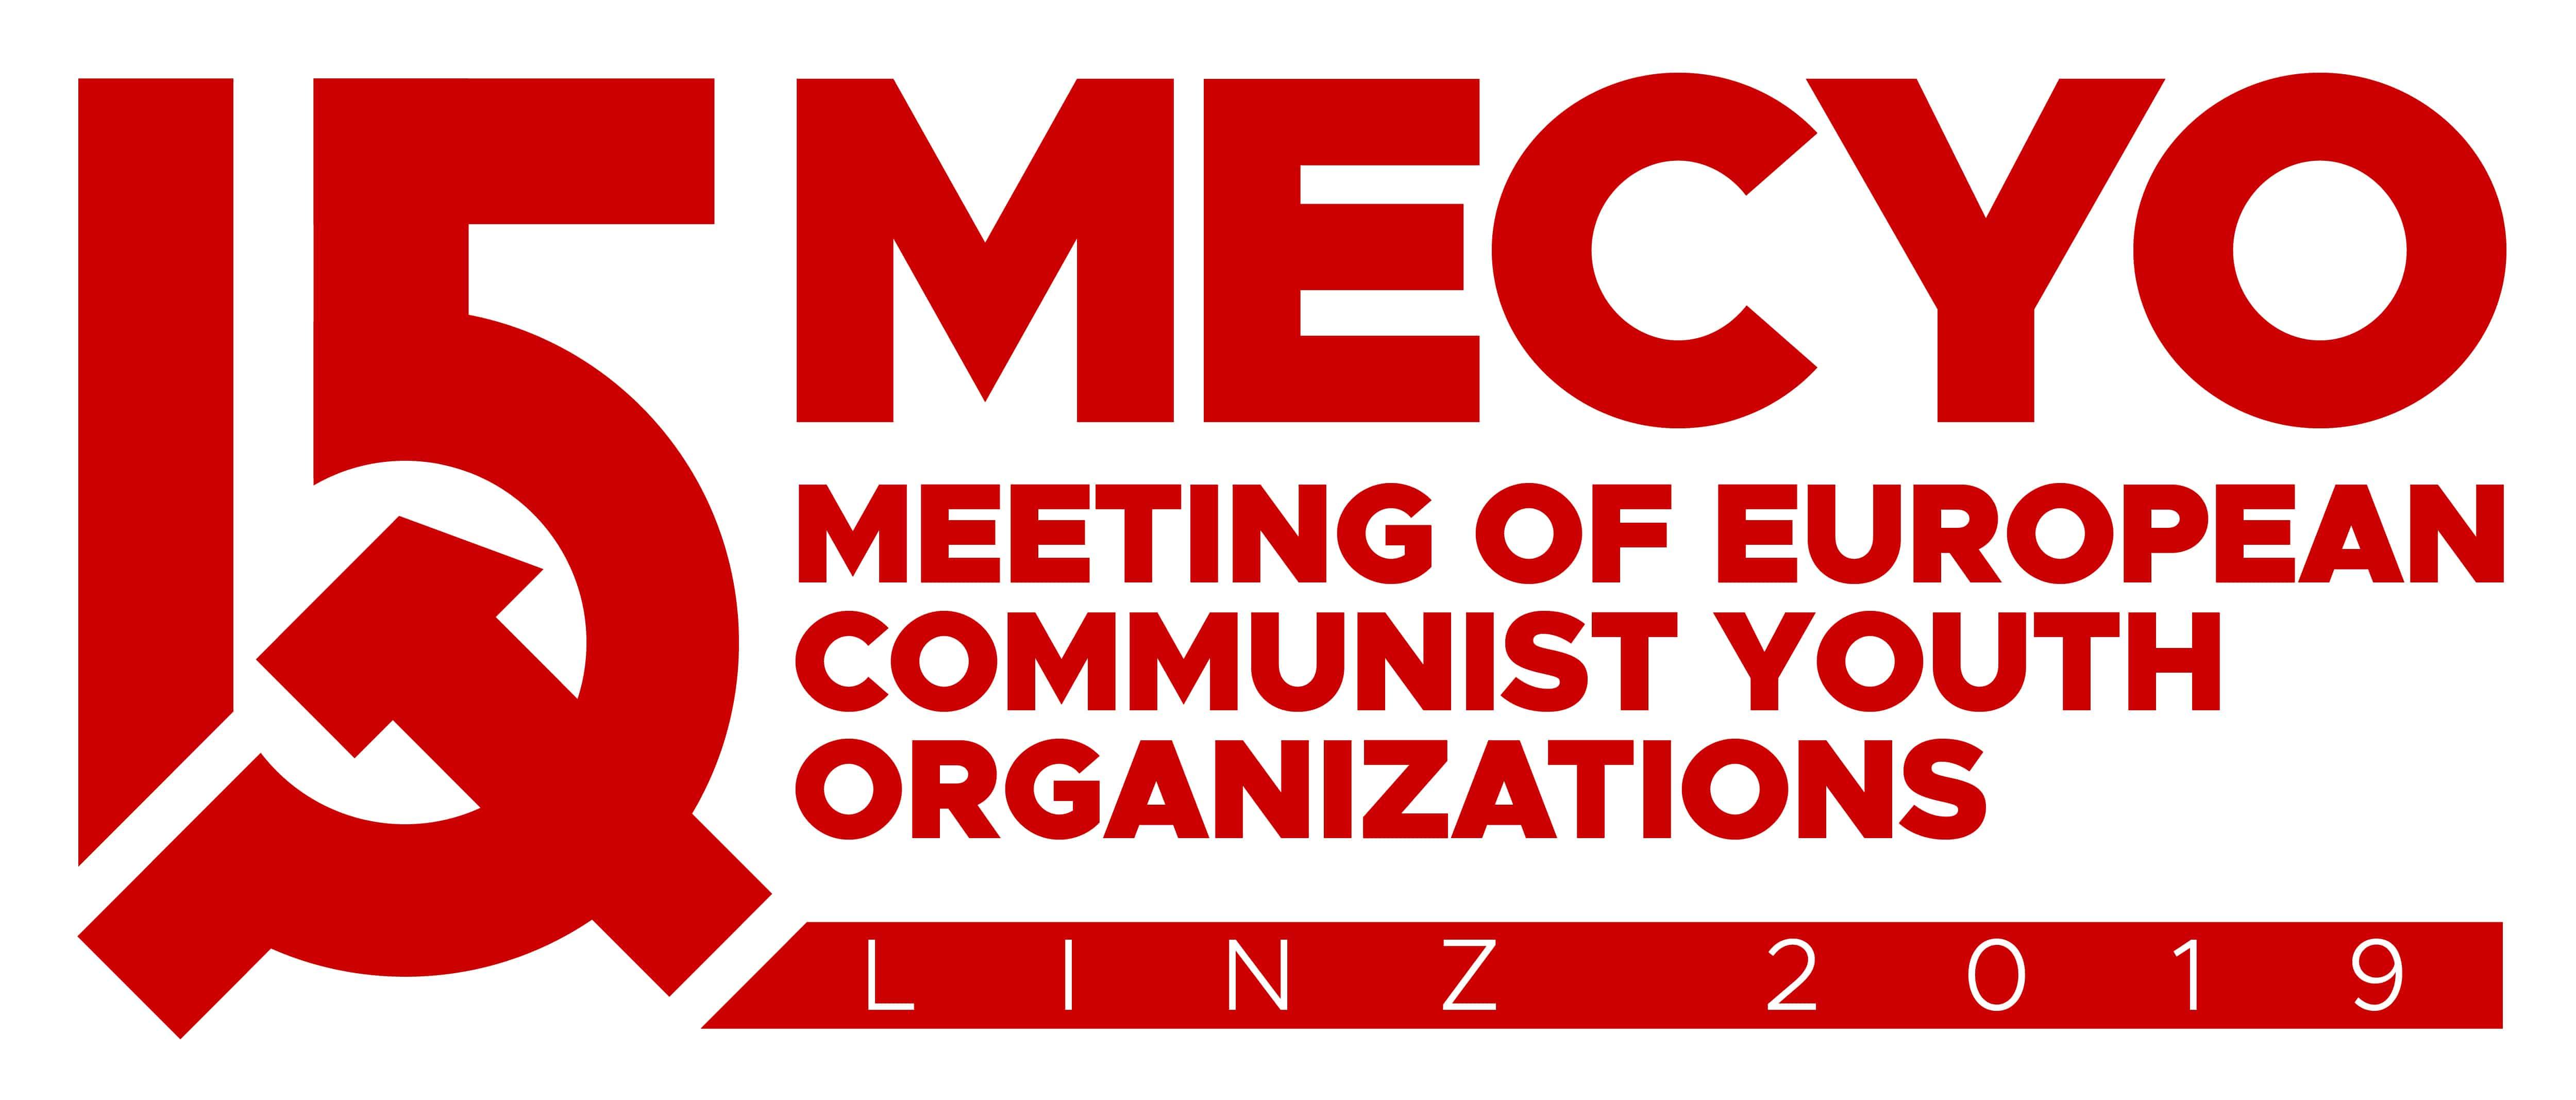 Grafik anlässlich des 15. Treffens der europäischen kommunistischen Jugendorganisationen 2019 in Linz.